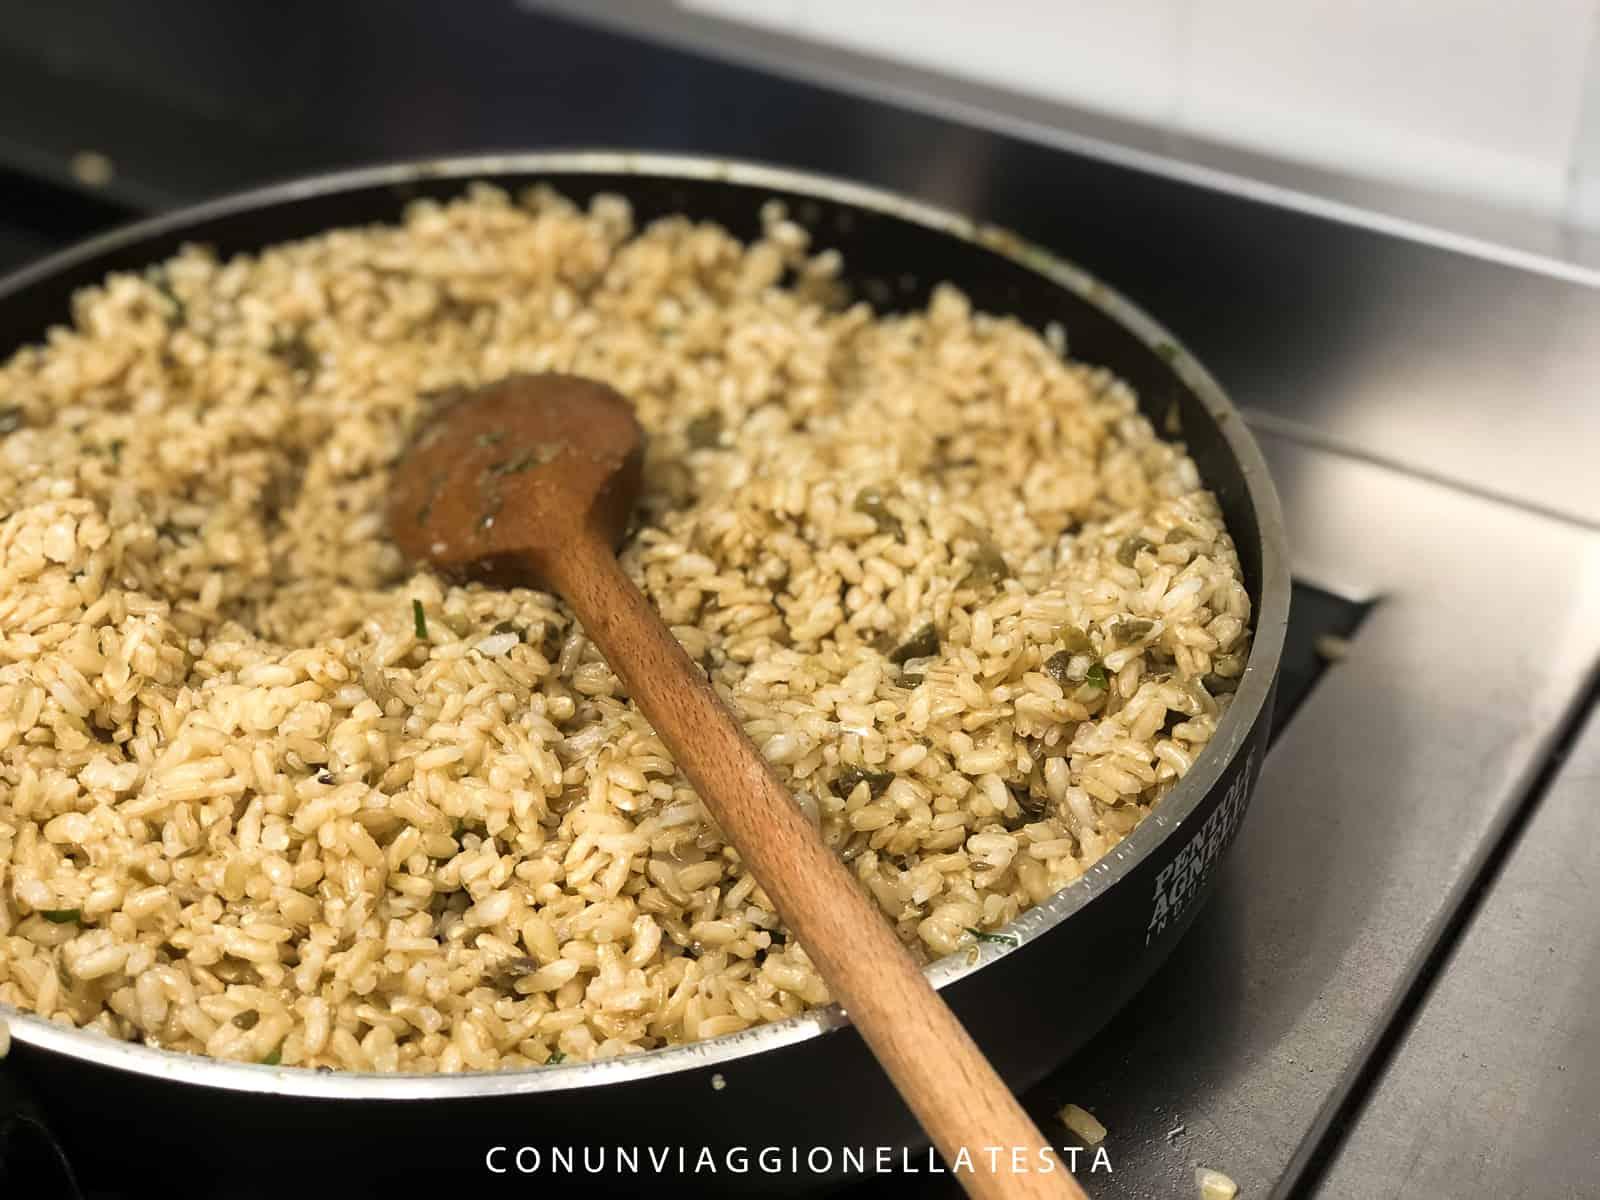 Regalare un corso di cucina a milano con un viaggio nella testa